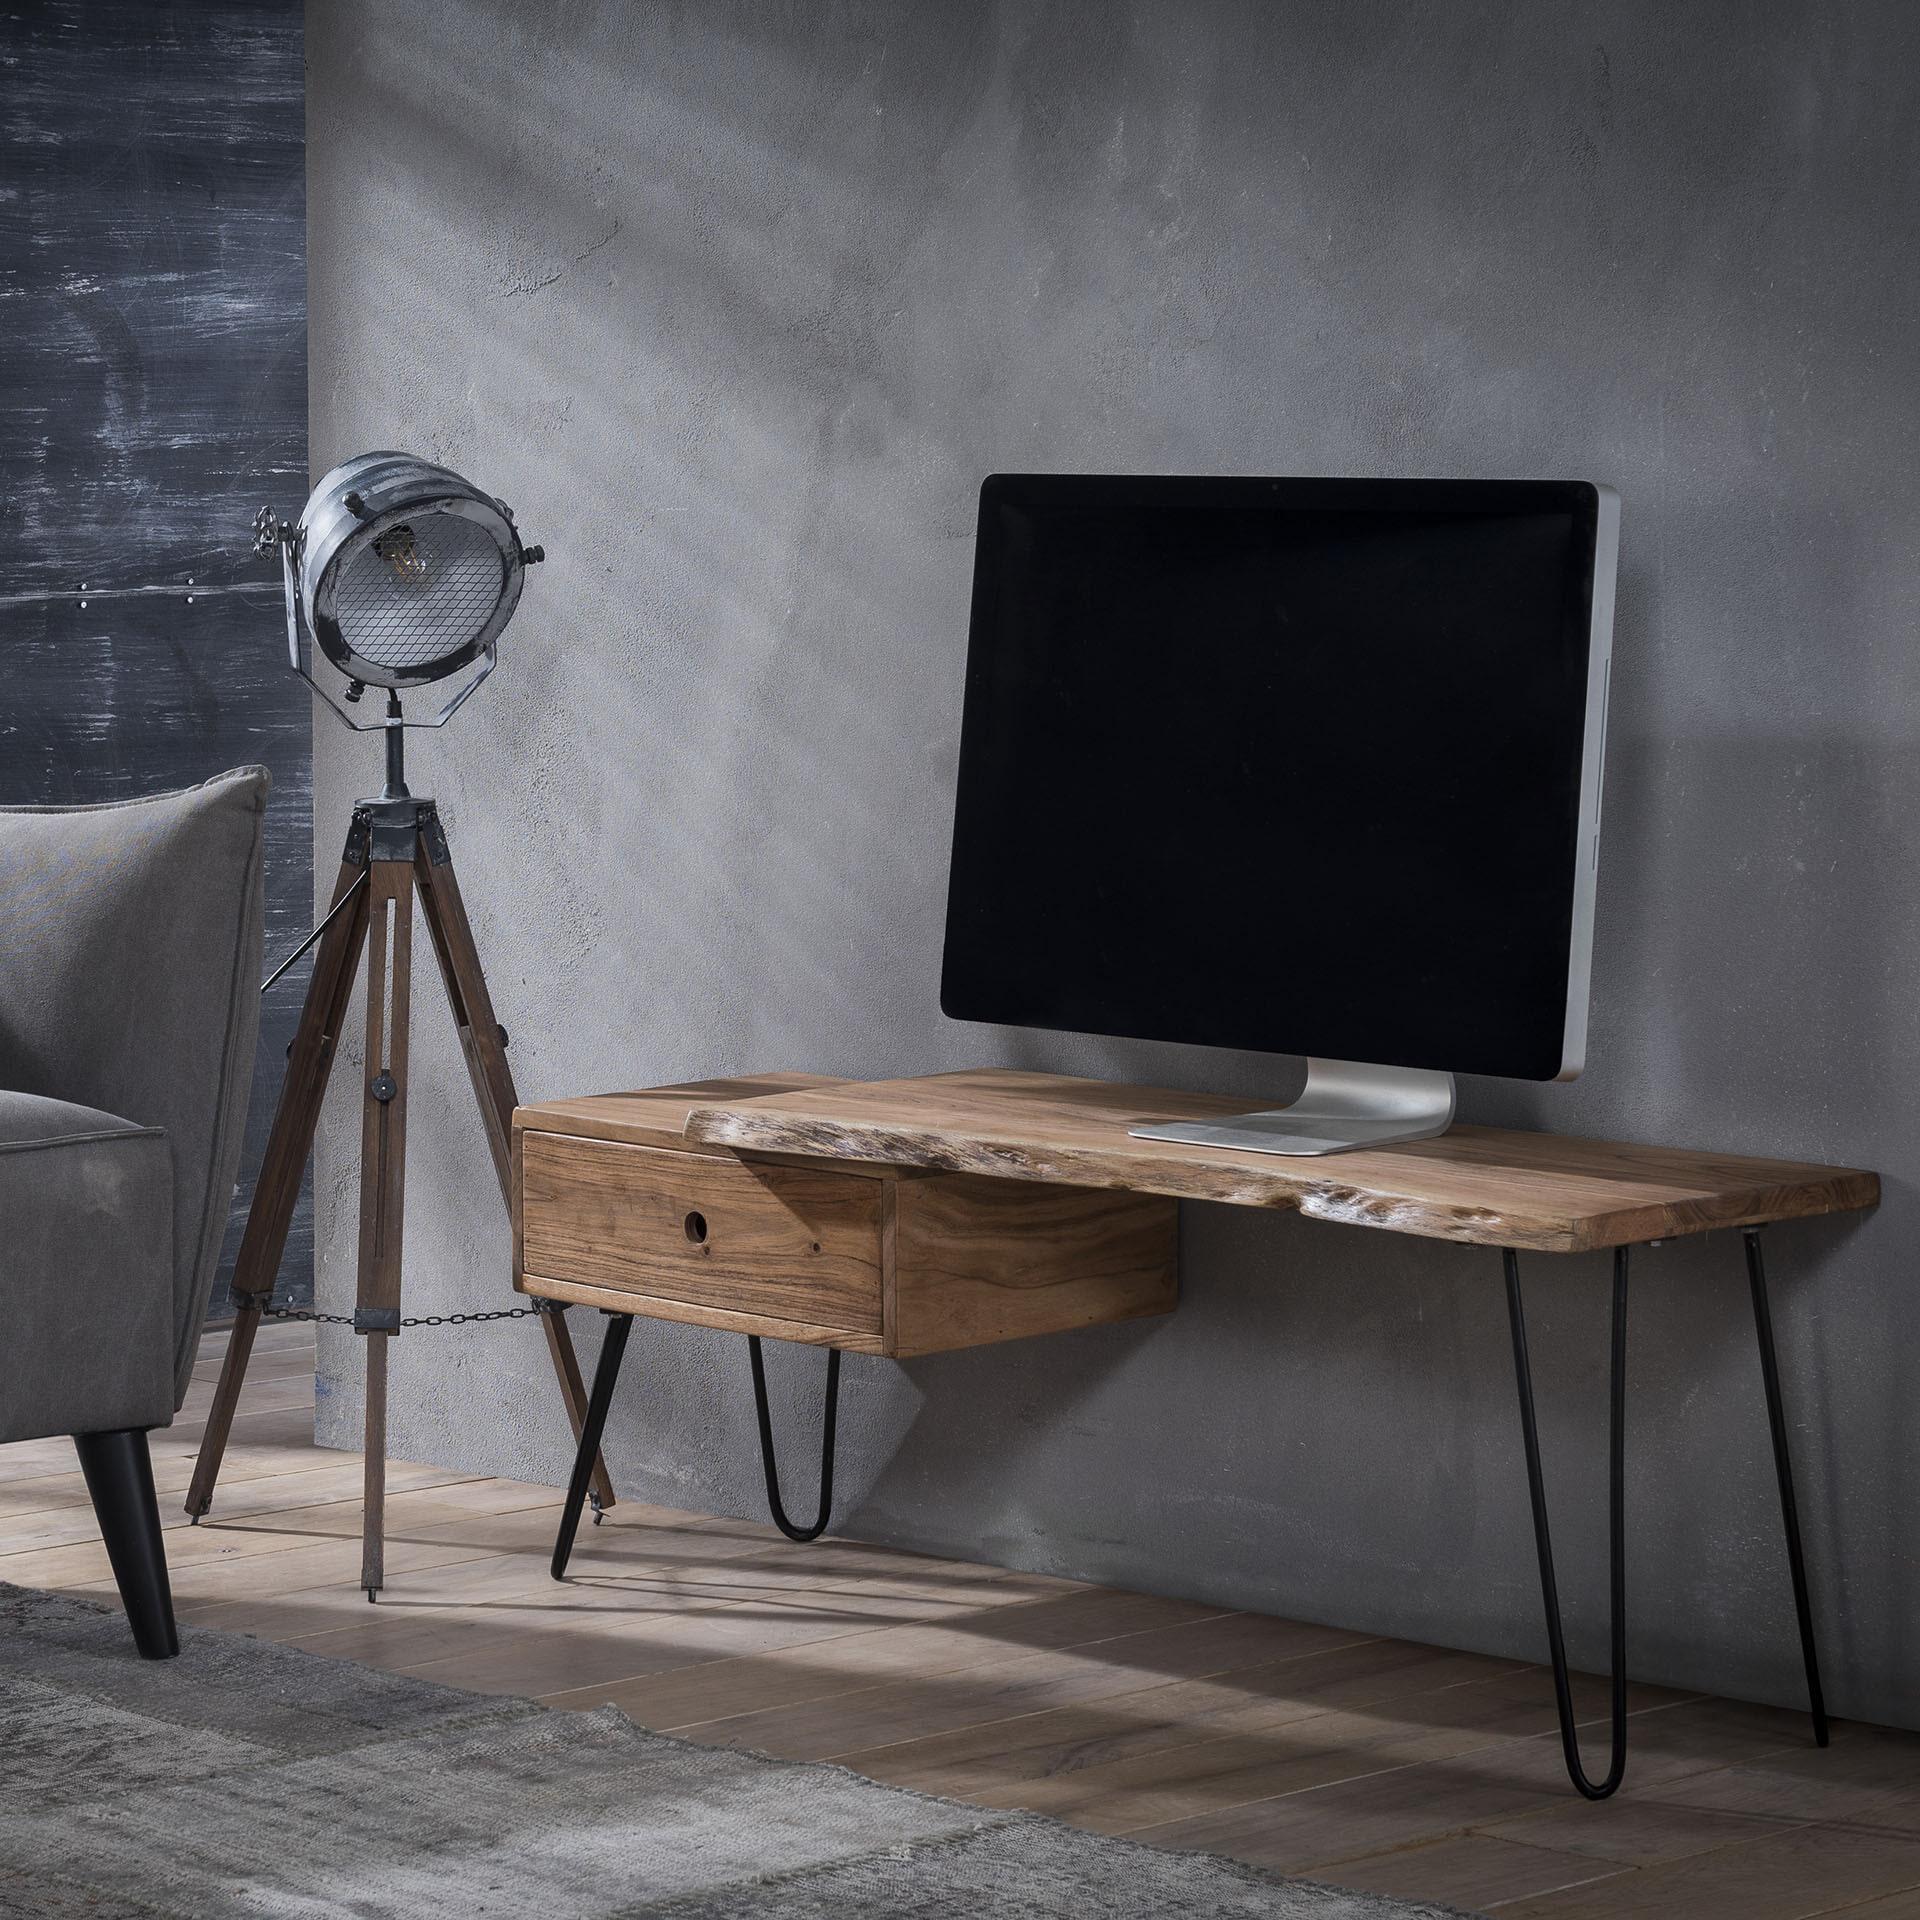 TV-meubel 'Geena', massief acacia 120cm Kasten | Tv-Meubels & Tv-Kasten vergelijken doe je het voordeligst hier bij Meubelpartner